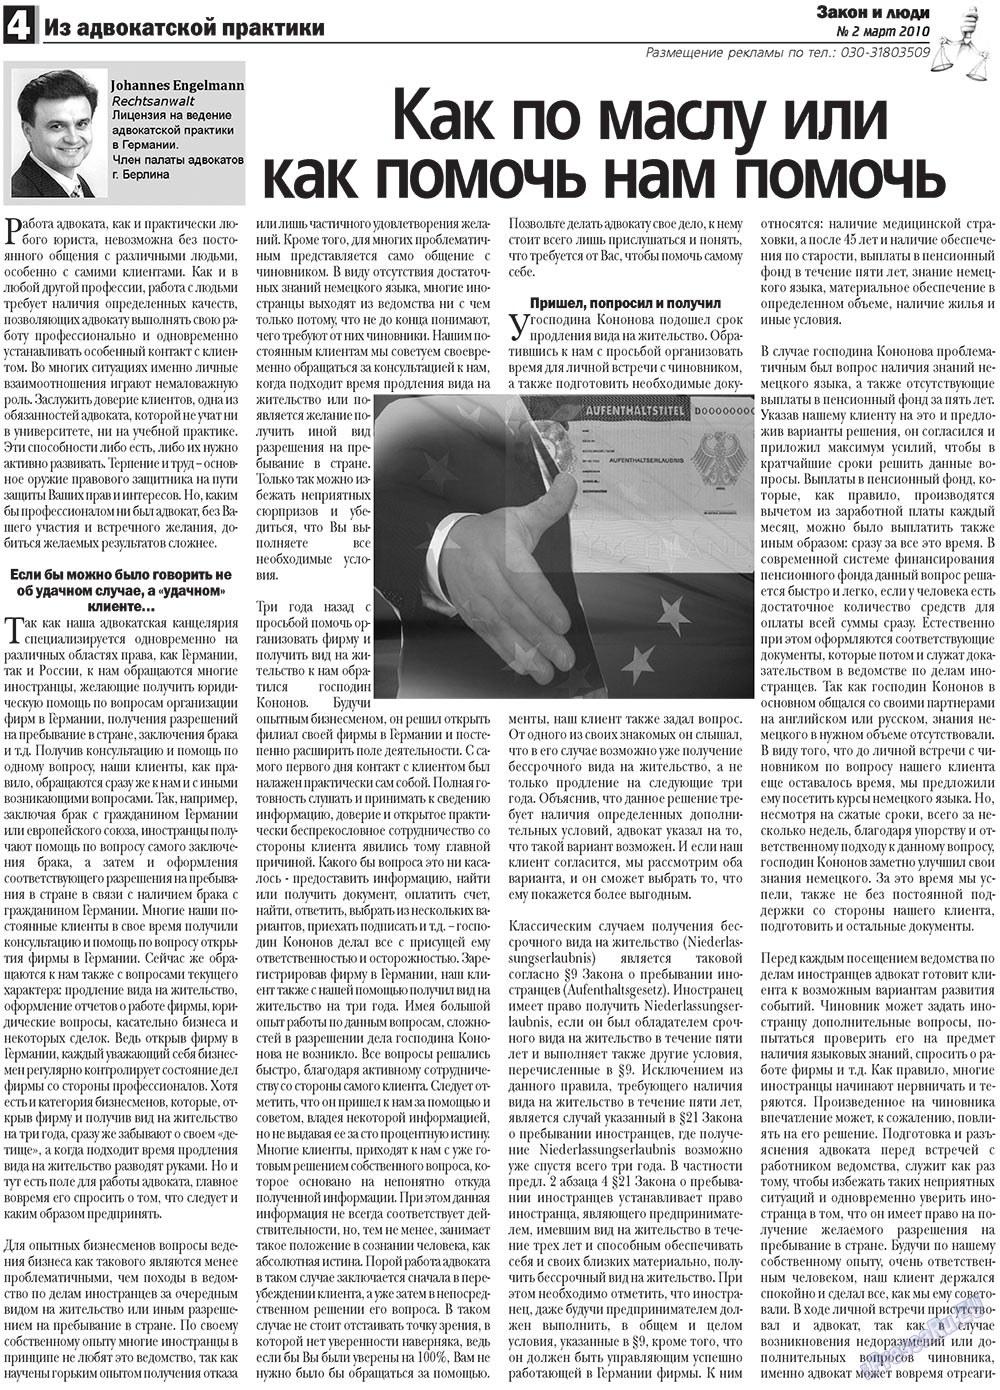 Закон и люди (газета). 2010 год, номер 2, стр. 4